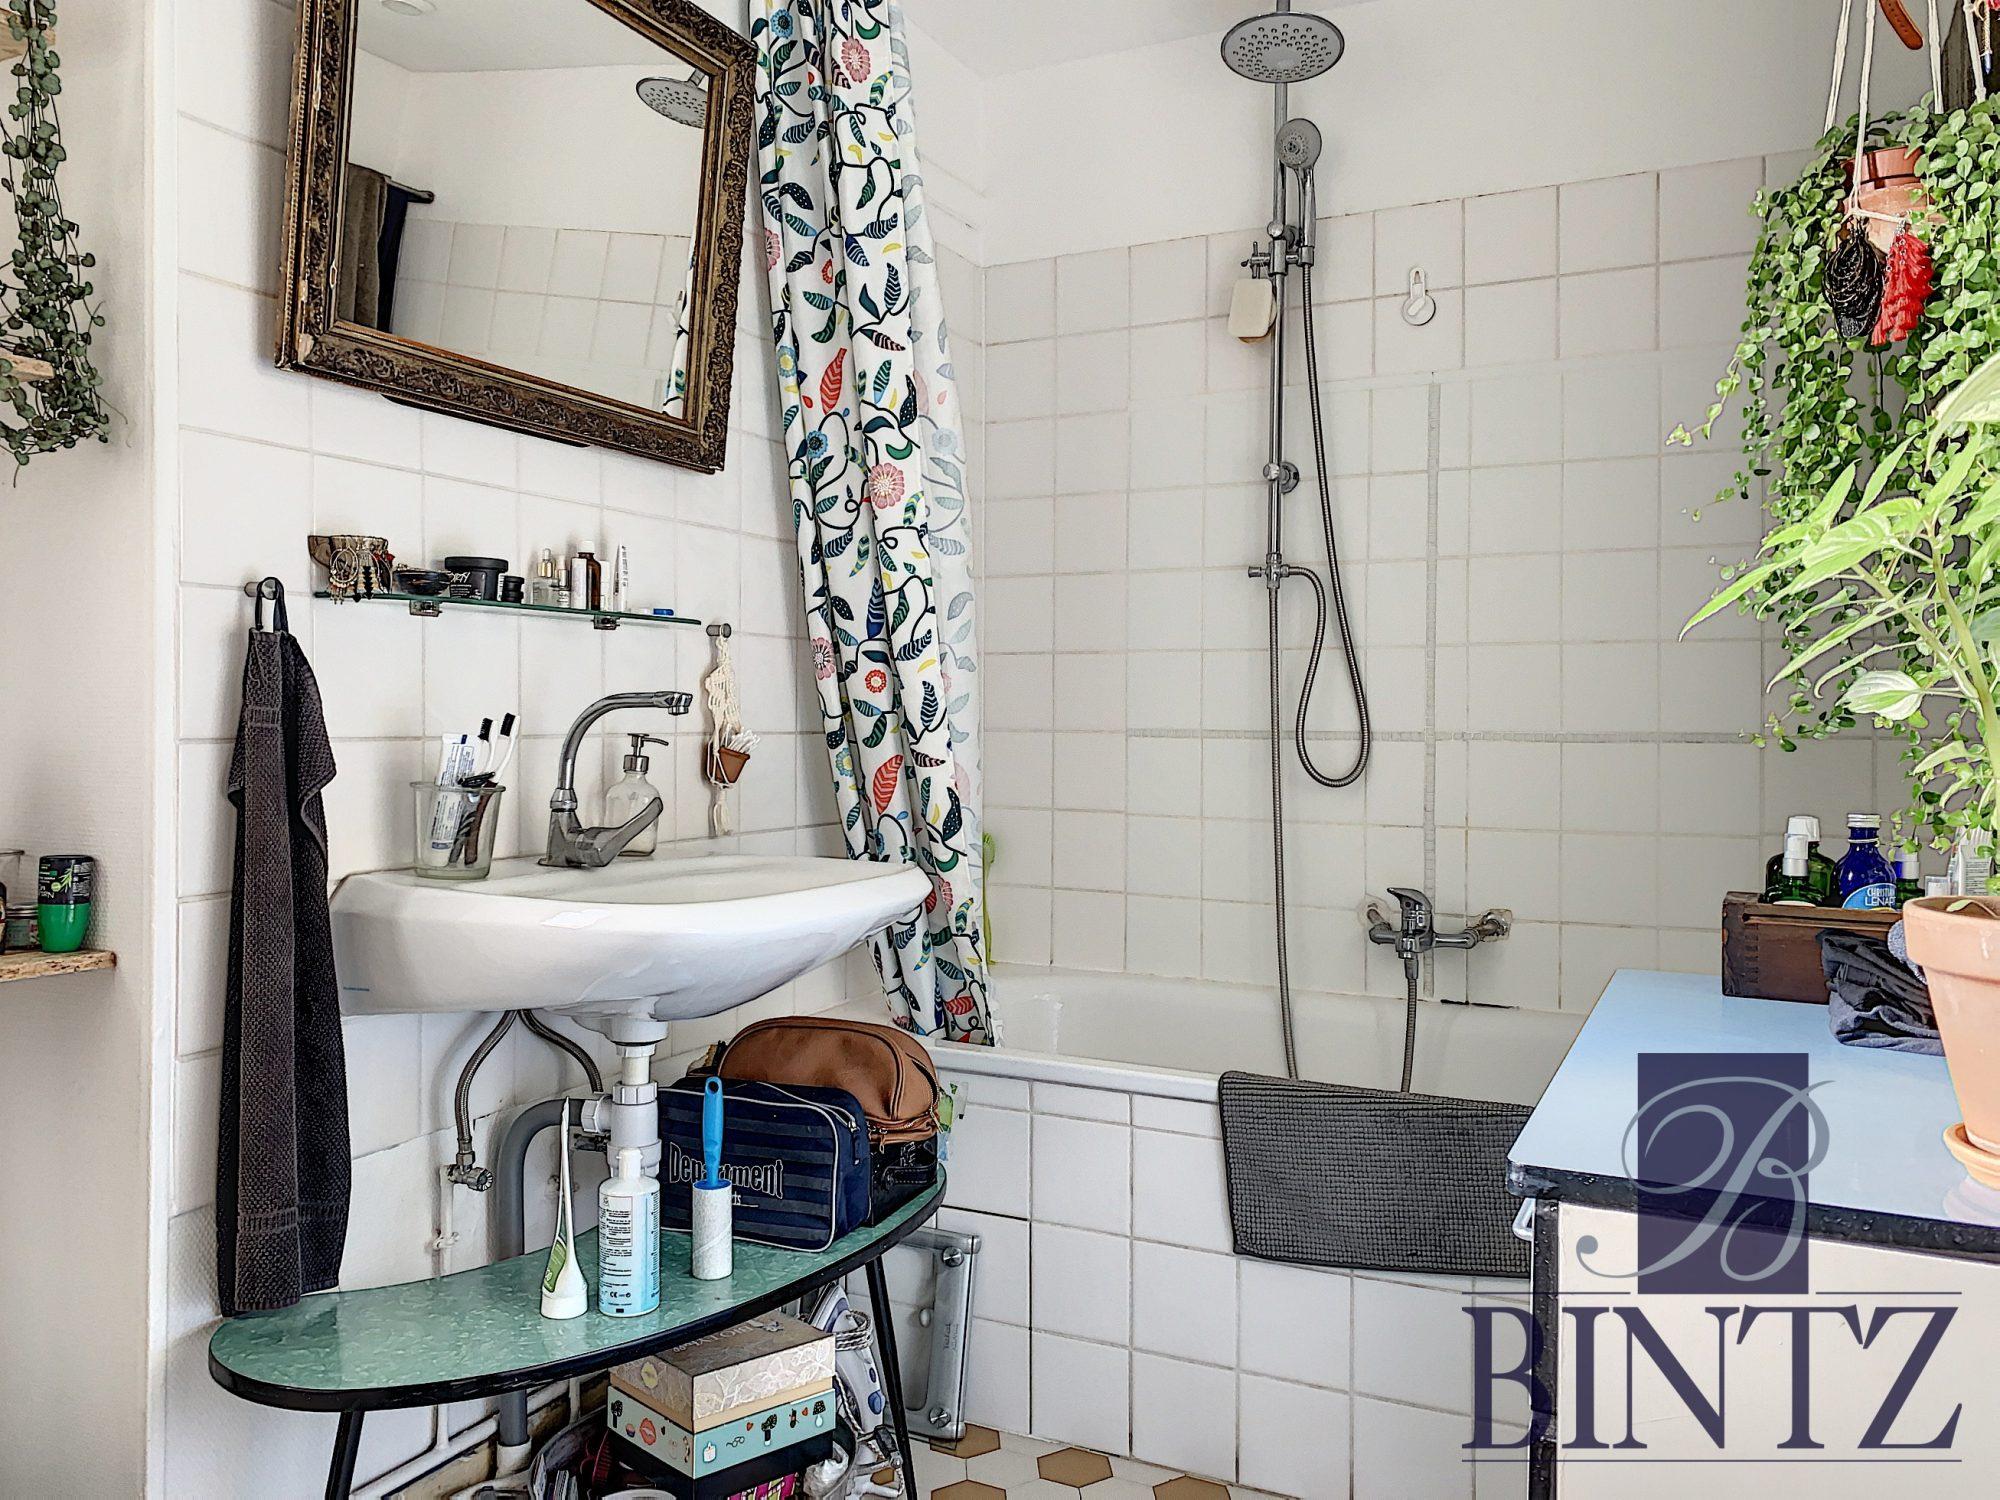 HORRIBLE 2 PIECES - Devenez locataire en toute sérénité - Bintz Immobilier - 12